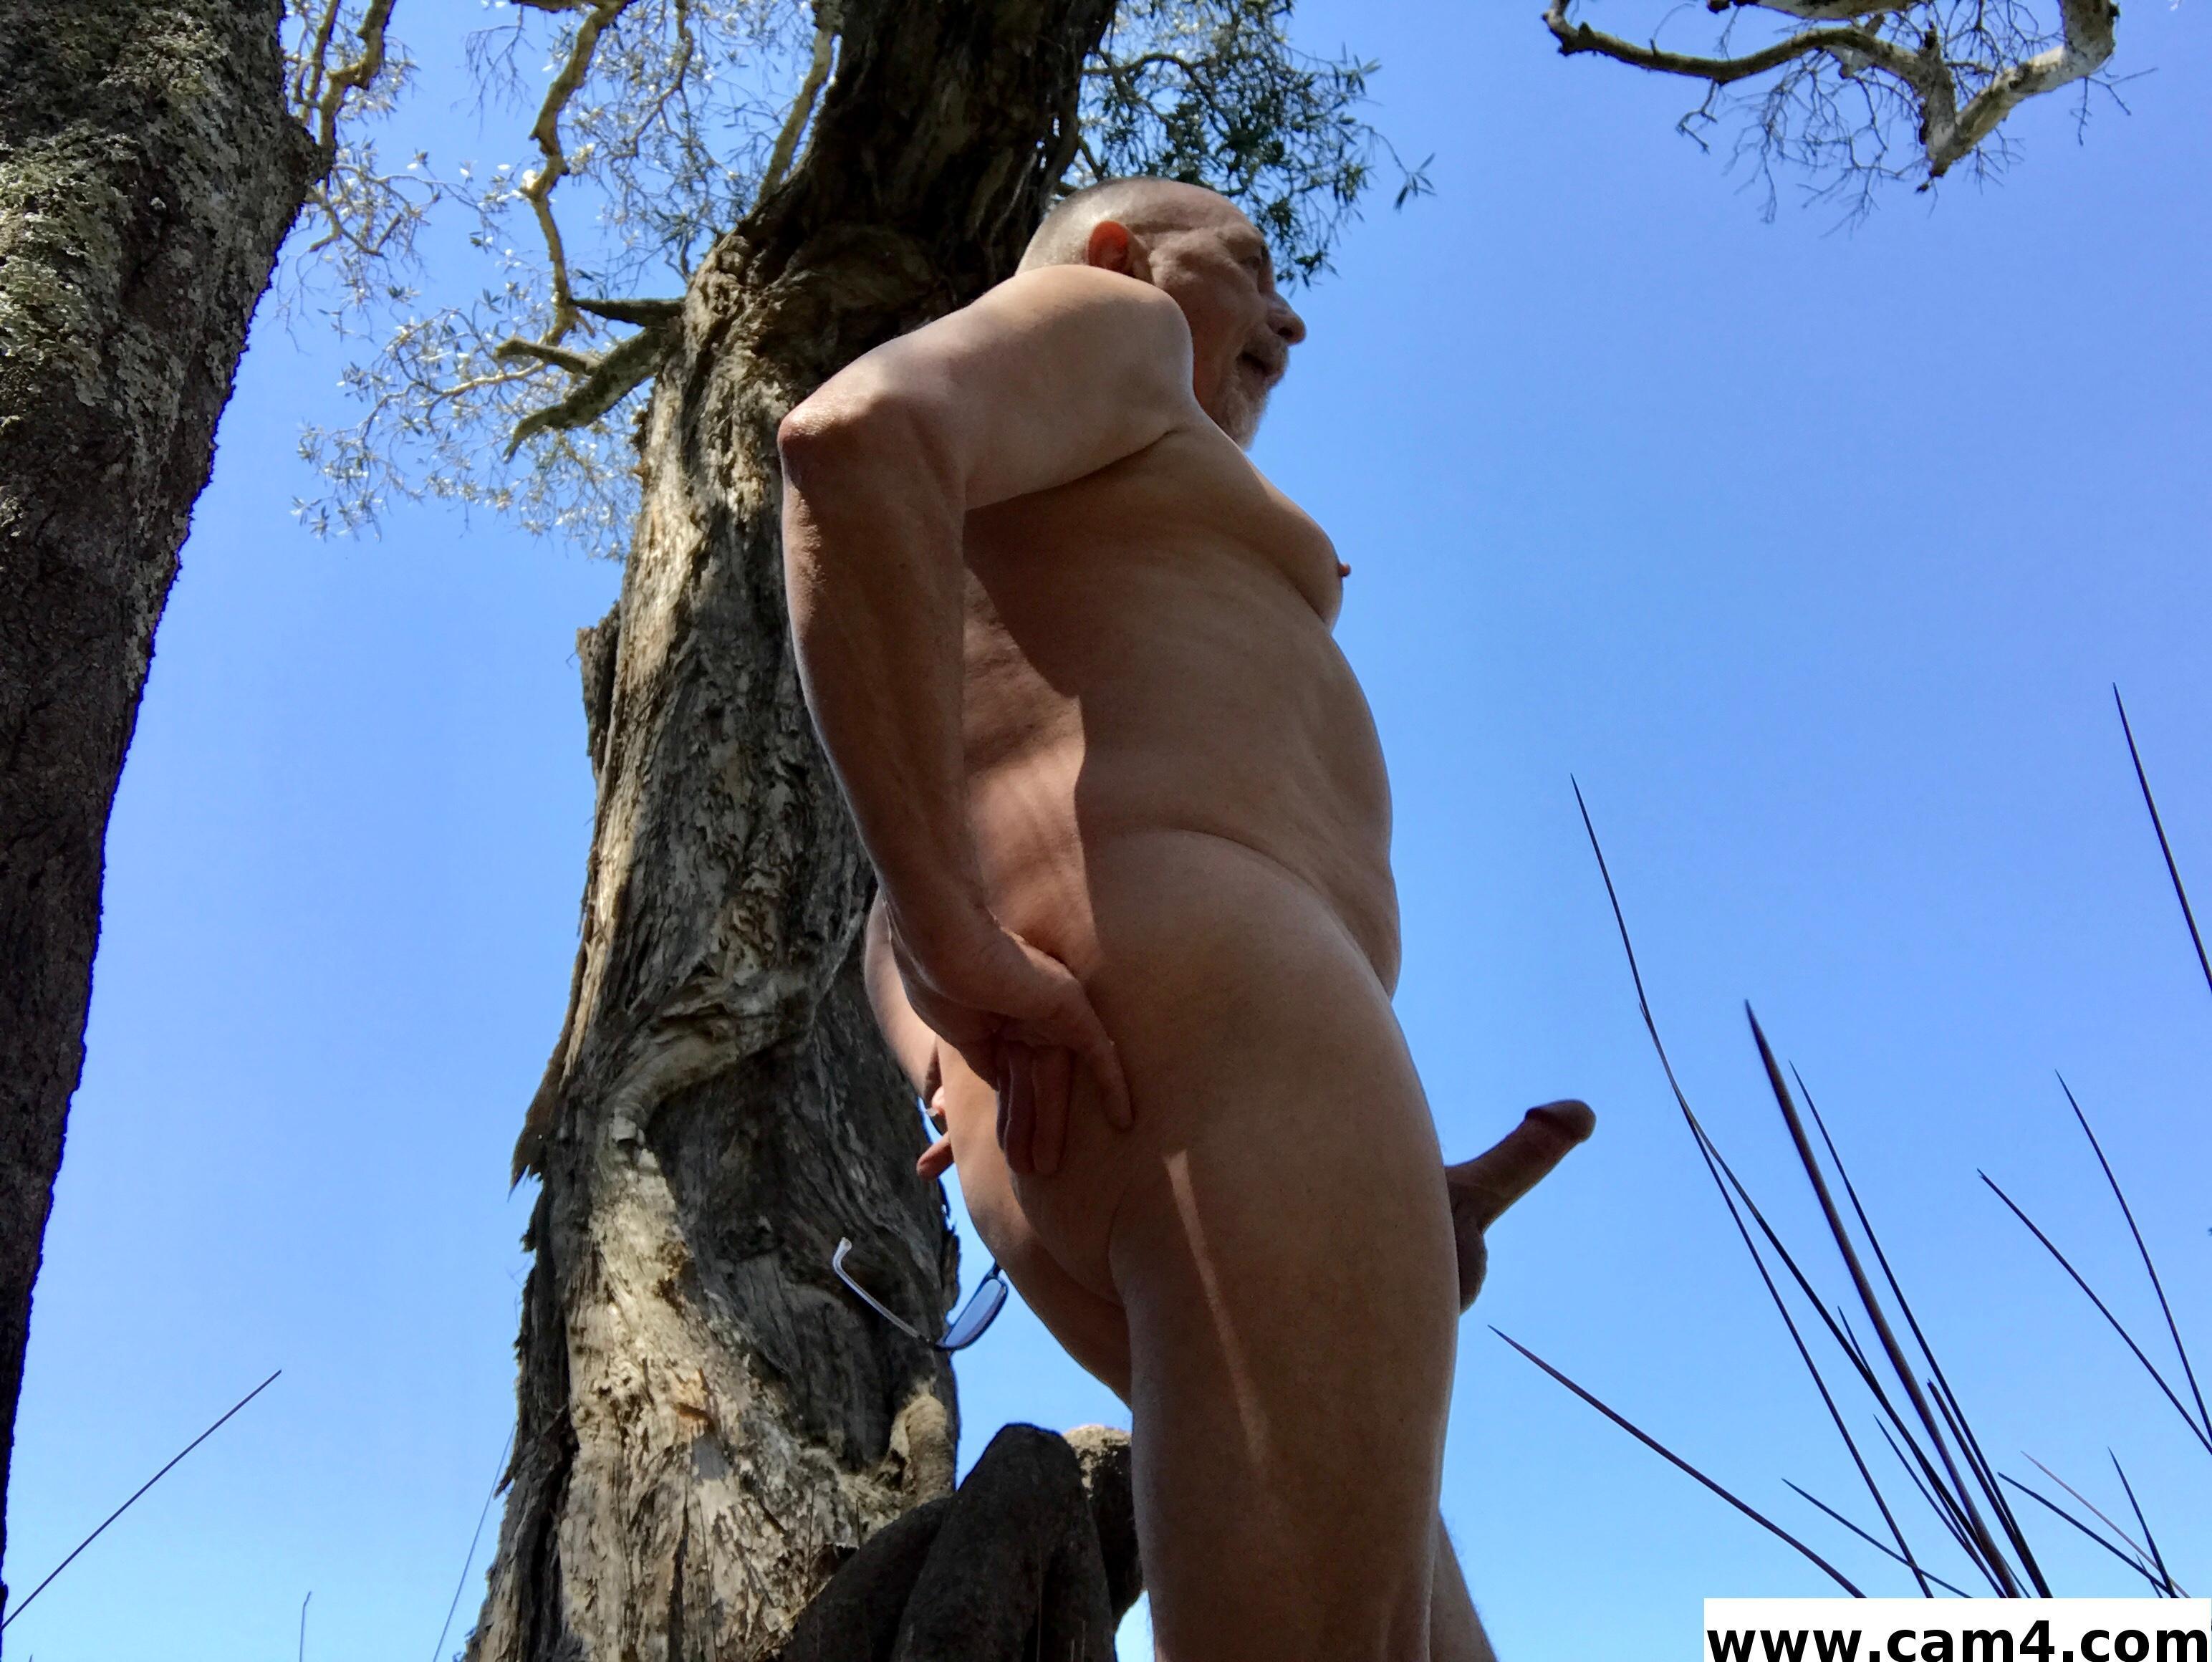 Naked47man?s=kuc4rxo1wcn4dmcrtgke11gxdygt8oiriqtq4ck3cjq=